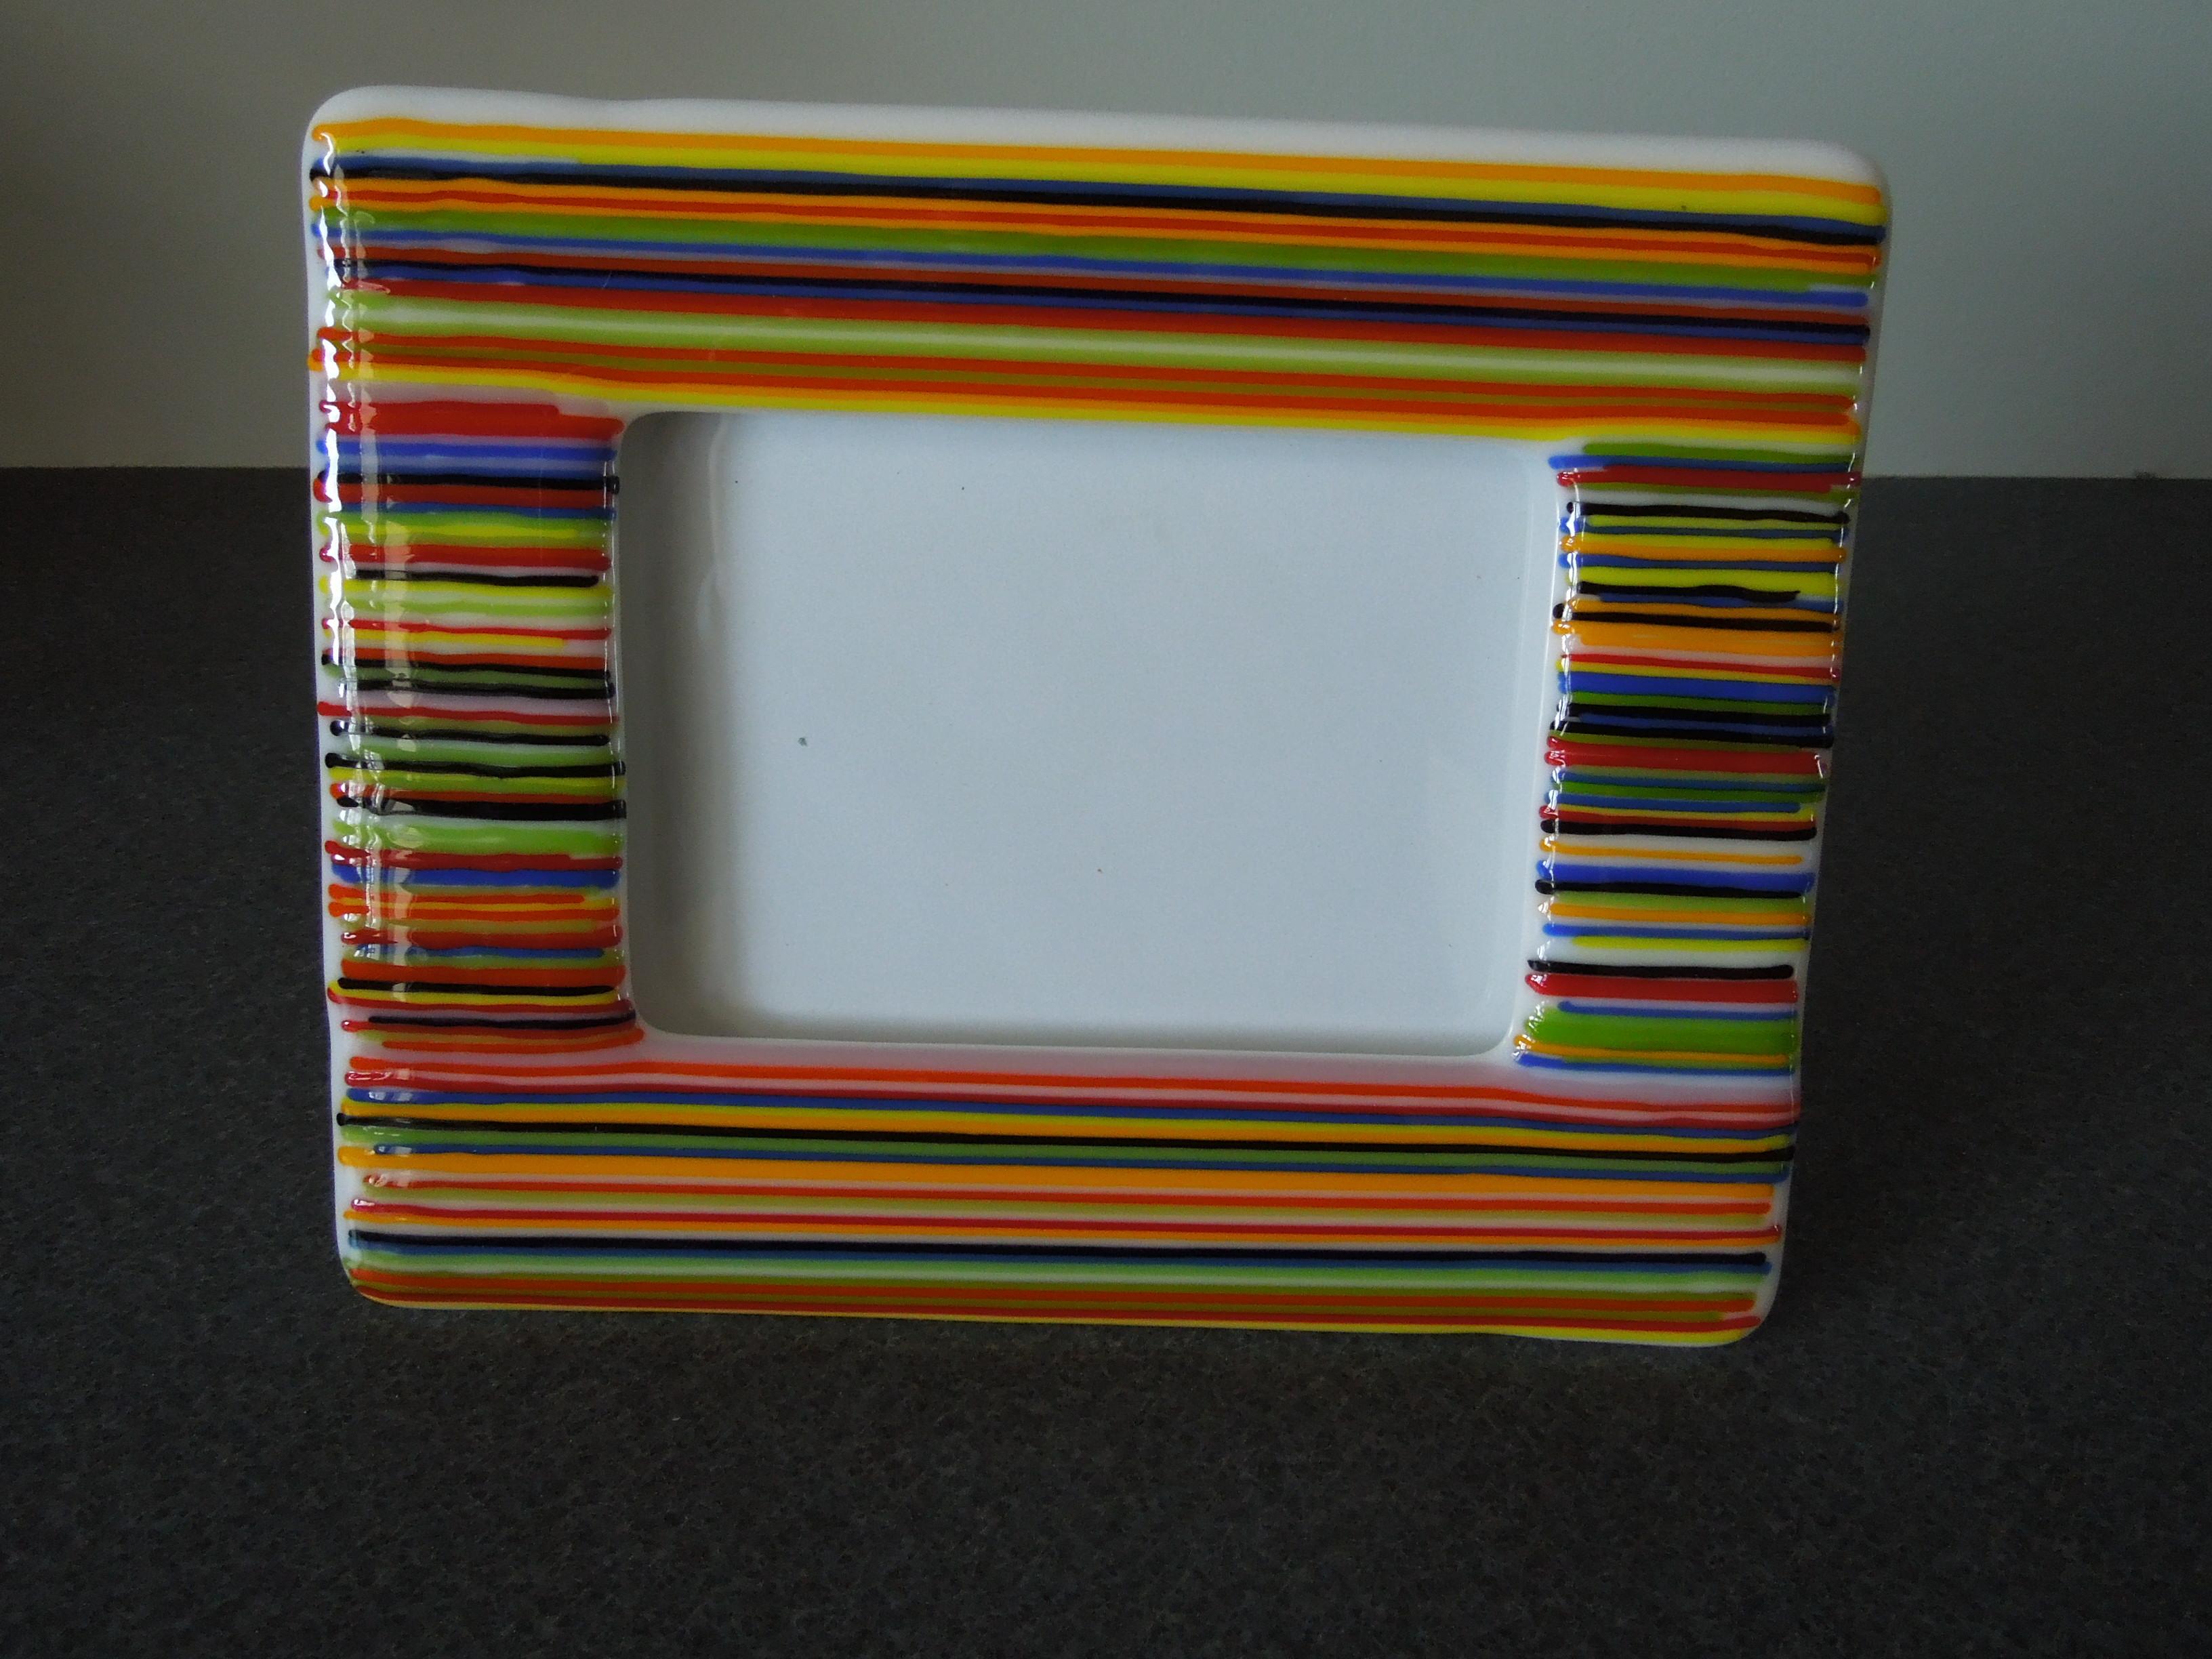 Großartig Fused Glass Picture Frames Bilder - Benutzerdefinierte ...